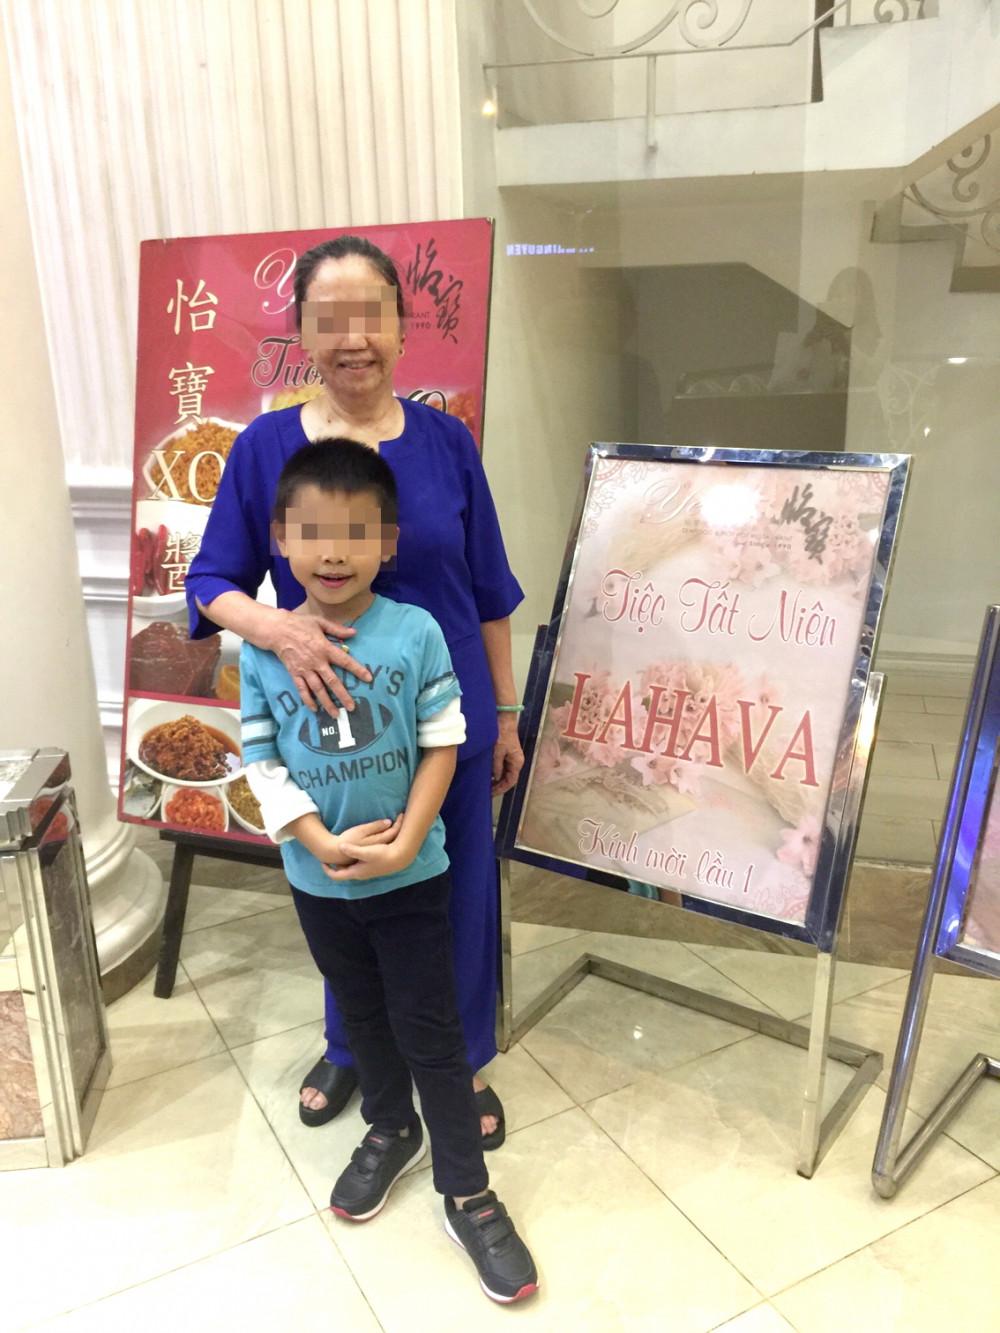 Bà H. vui với con cháu nhờ sự lạc quan và chế độ dinh dưỡng phù hợp suốt 13 năm chiến đấu với bệnh ung thư - Ảnh: Gia đình bệnh nhân cung cấp